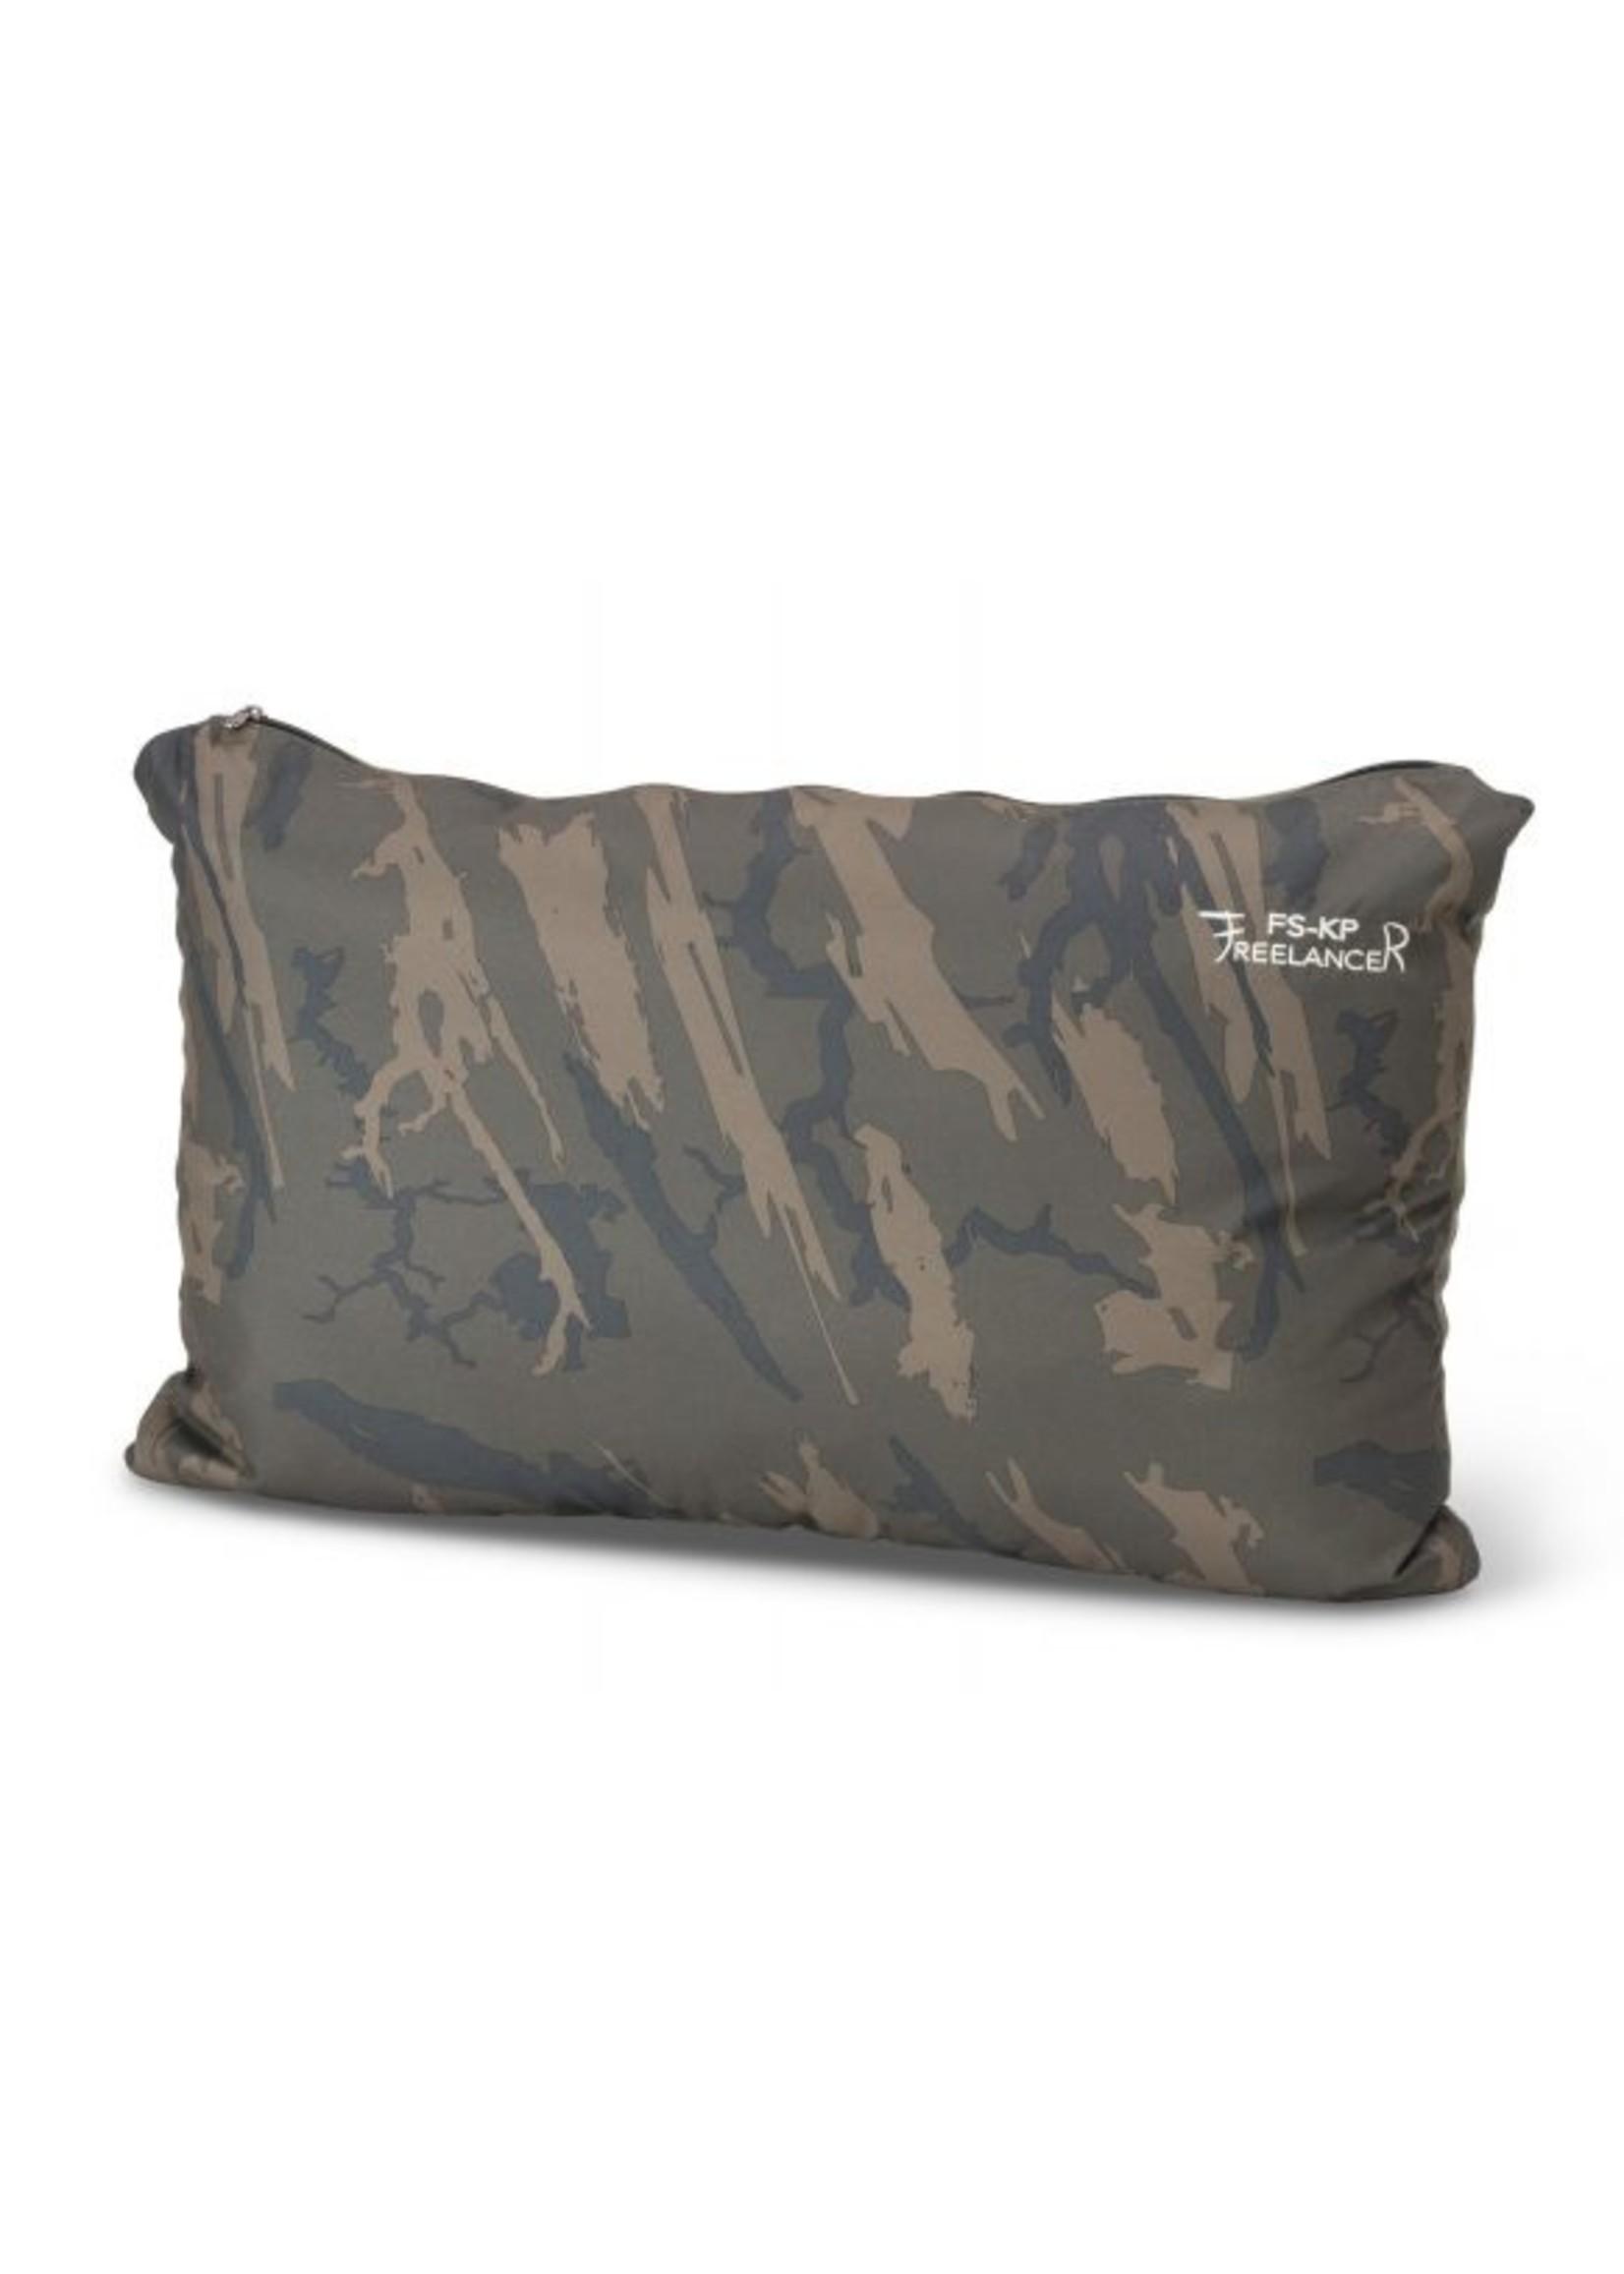 Anaconda FS-P-Four season pillow